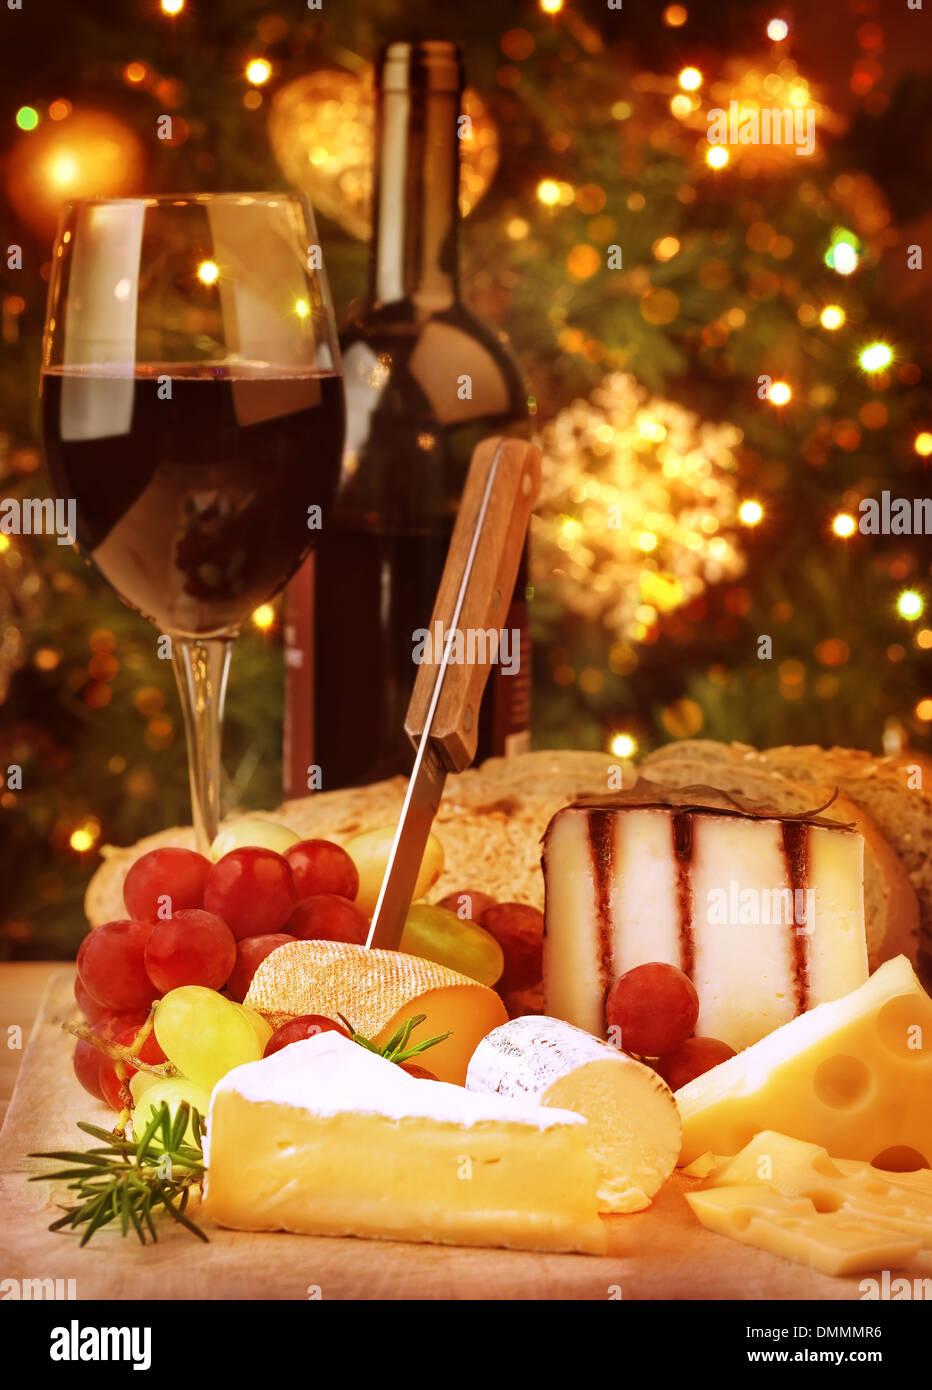 Restaurant Weihnachtsessen.Weihnachtsessen Feine Restaurants Restaurant Romantischen Käse